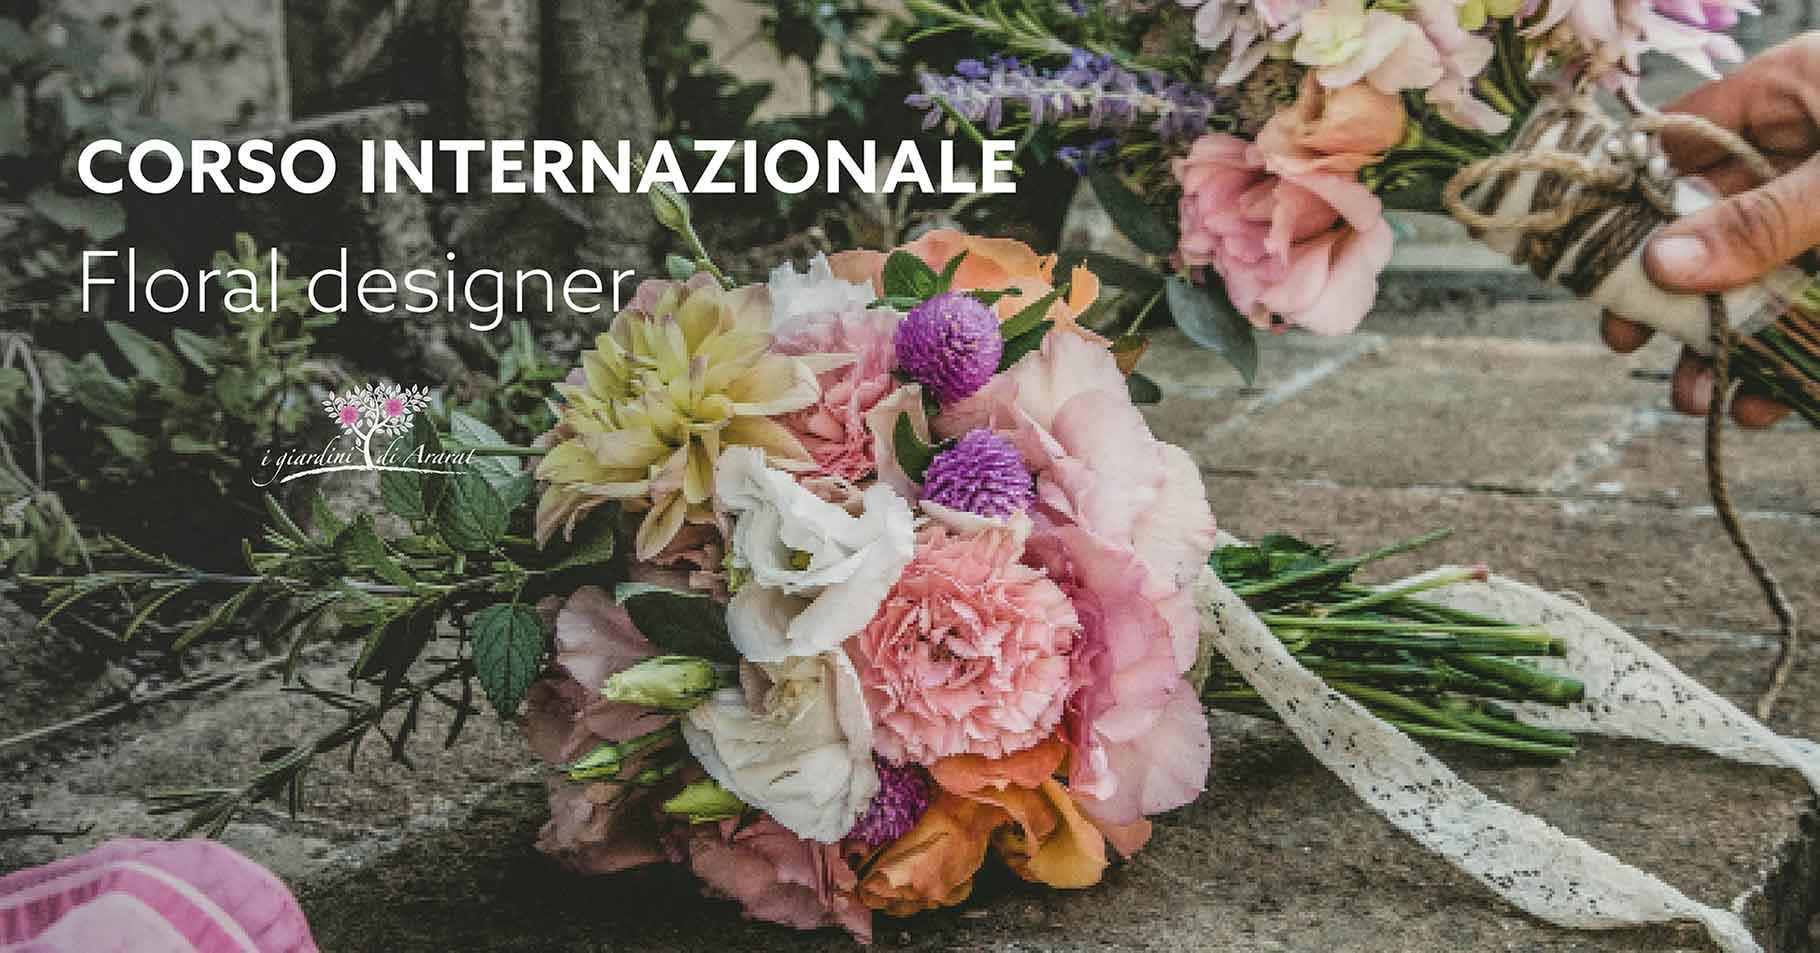 florl designer